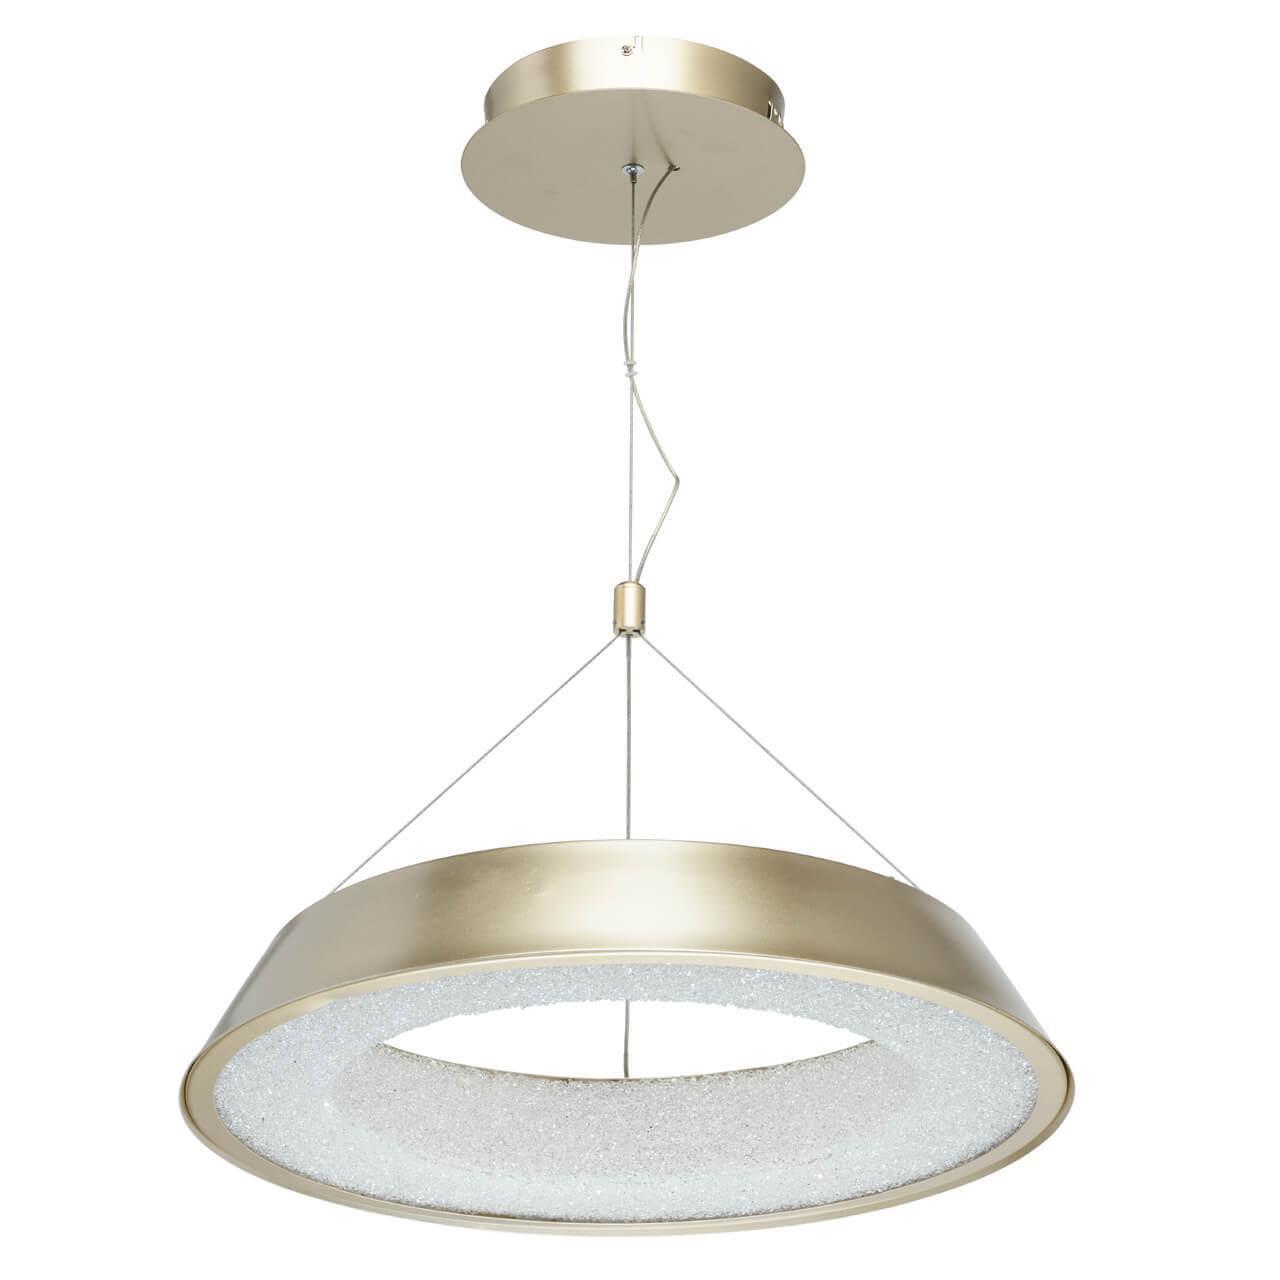 Подвесной светильник De Markt 703010801, LED, 35 Вт regenbogen life подвесной светильник перегрина